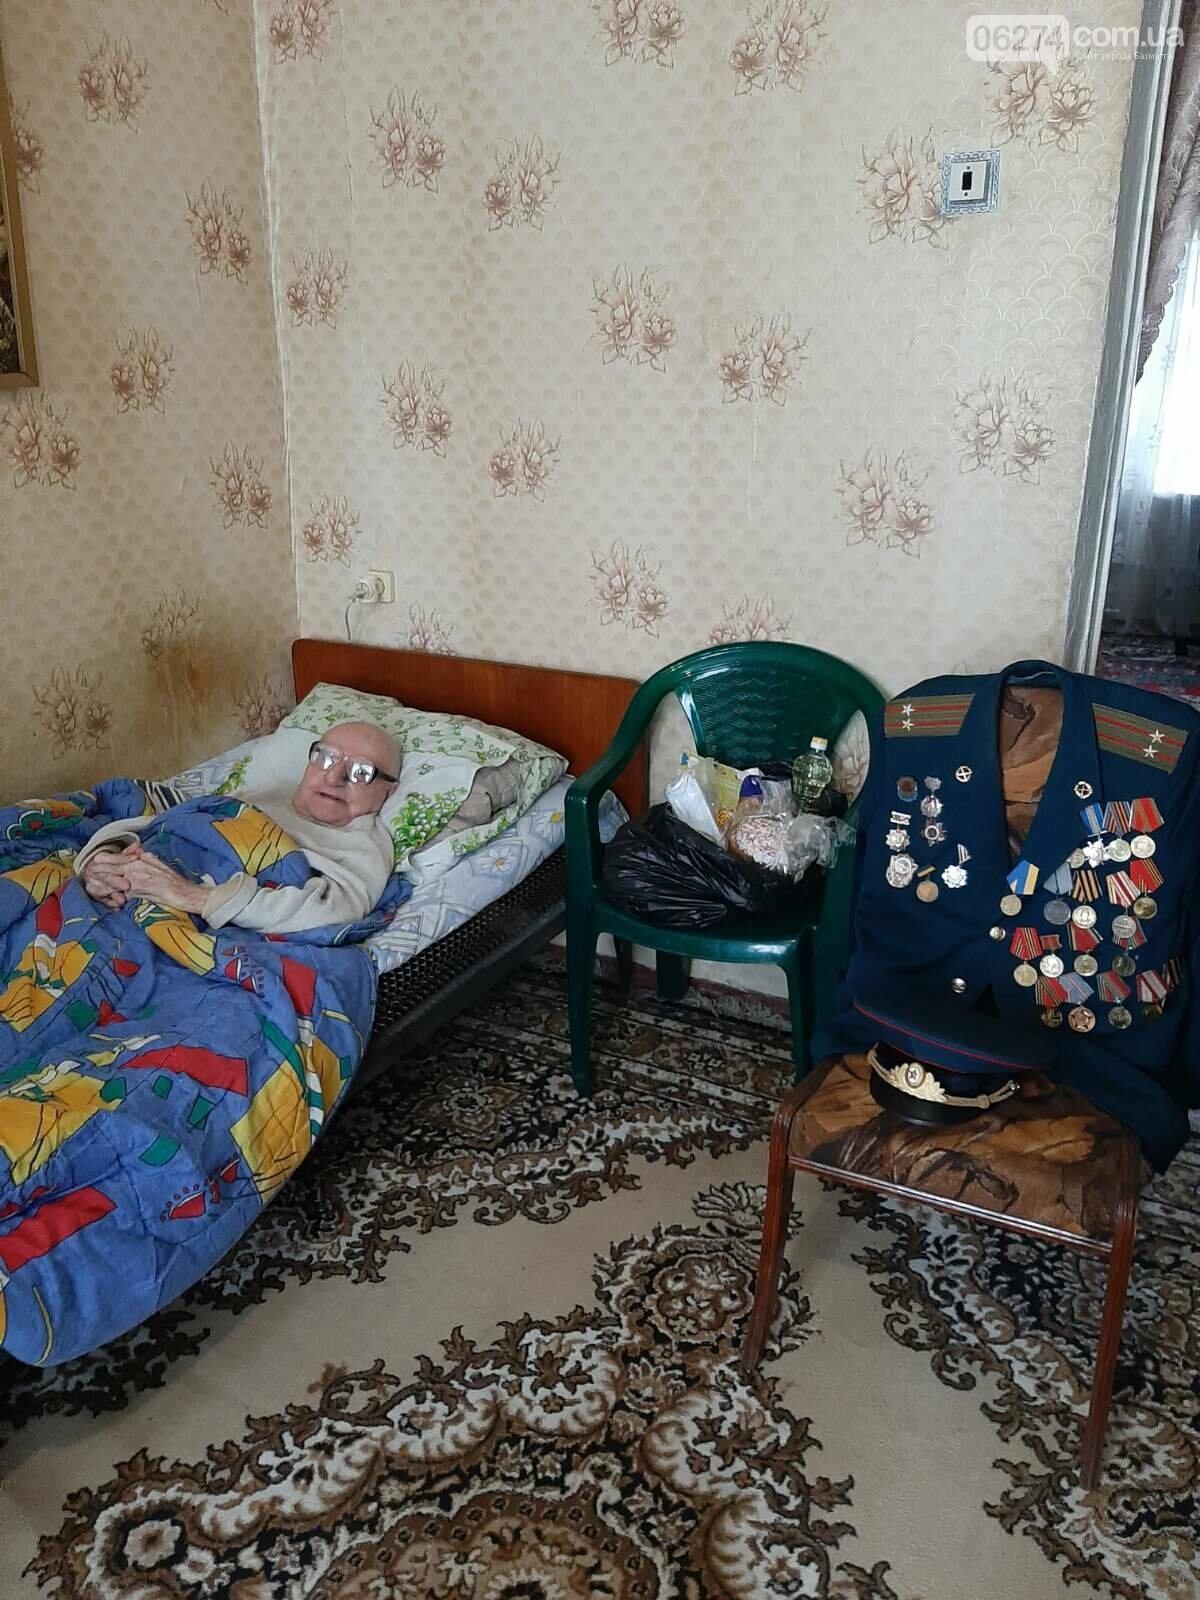 Мэр Бахмута вручил продуктовые наборы социально незащищенным гражданам, фото-7